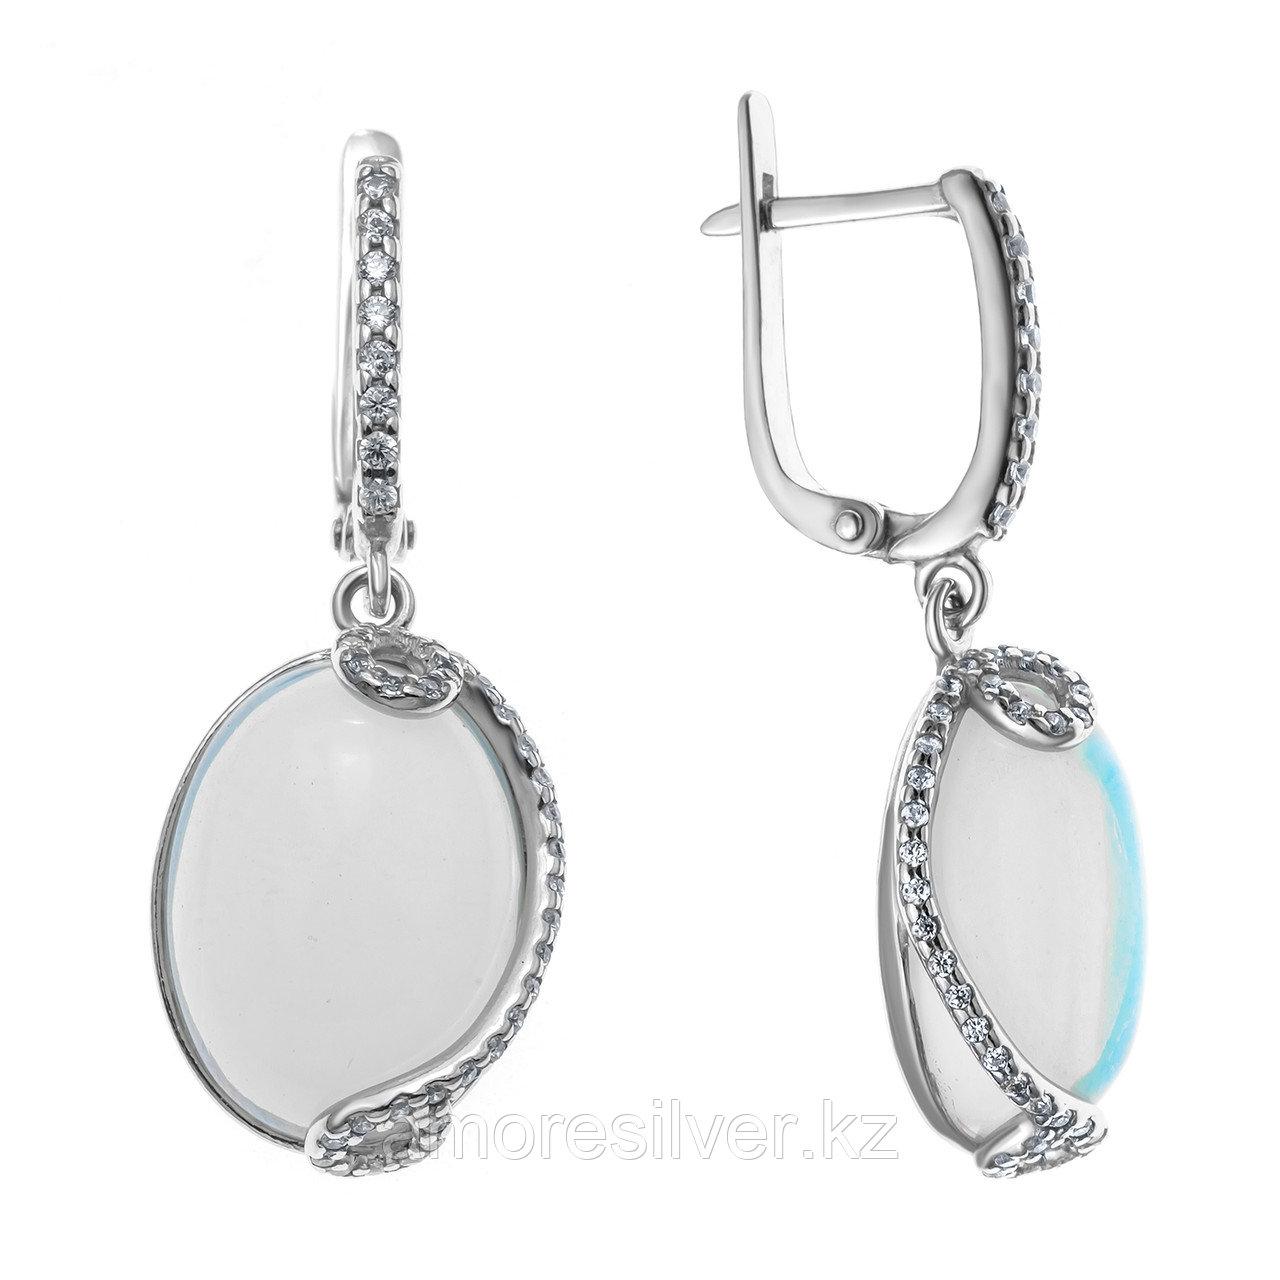 Серьги из серебра с лунным камнем  Приволжский Ювелир 351270-MNS